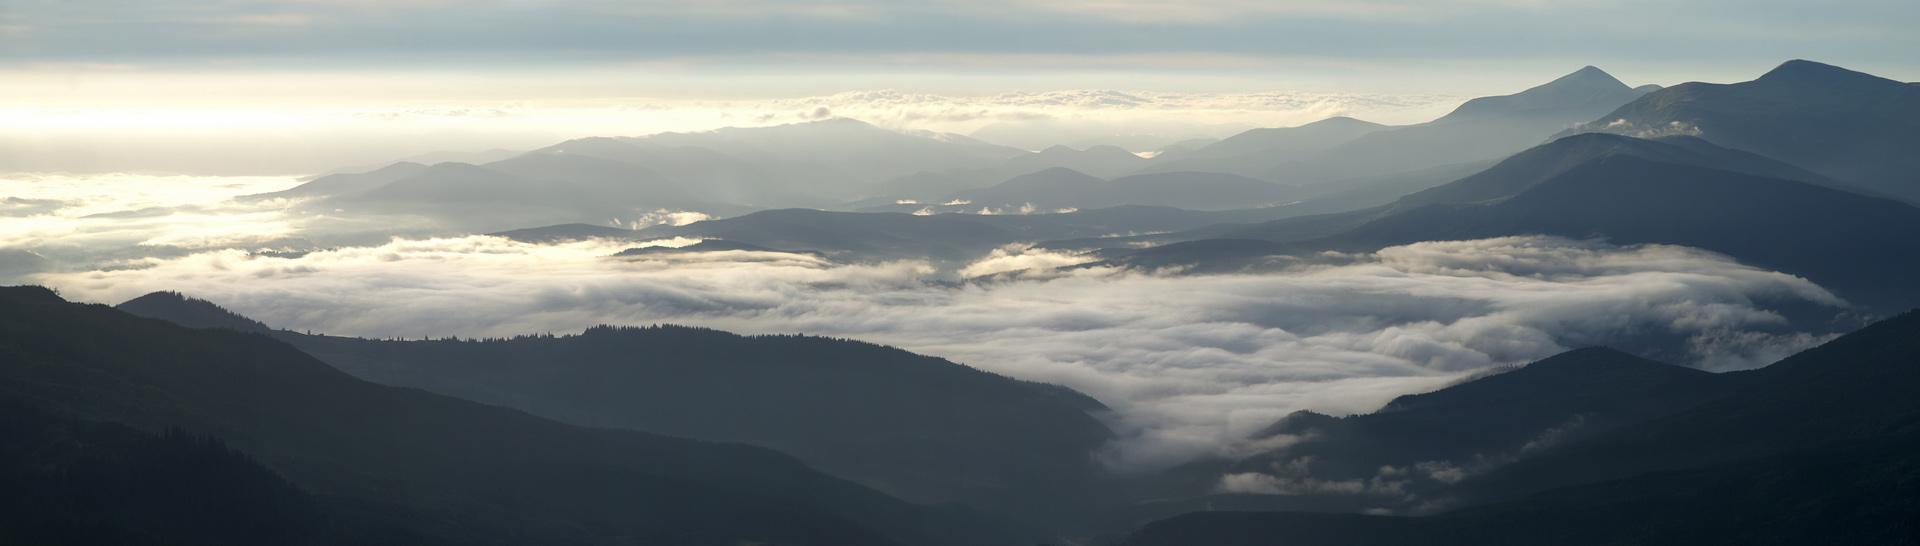 Драгобрат. Вид з гори Стіг - 1704 мн ад р.м.